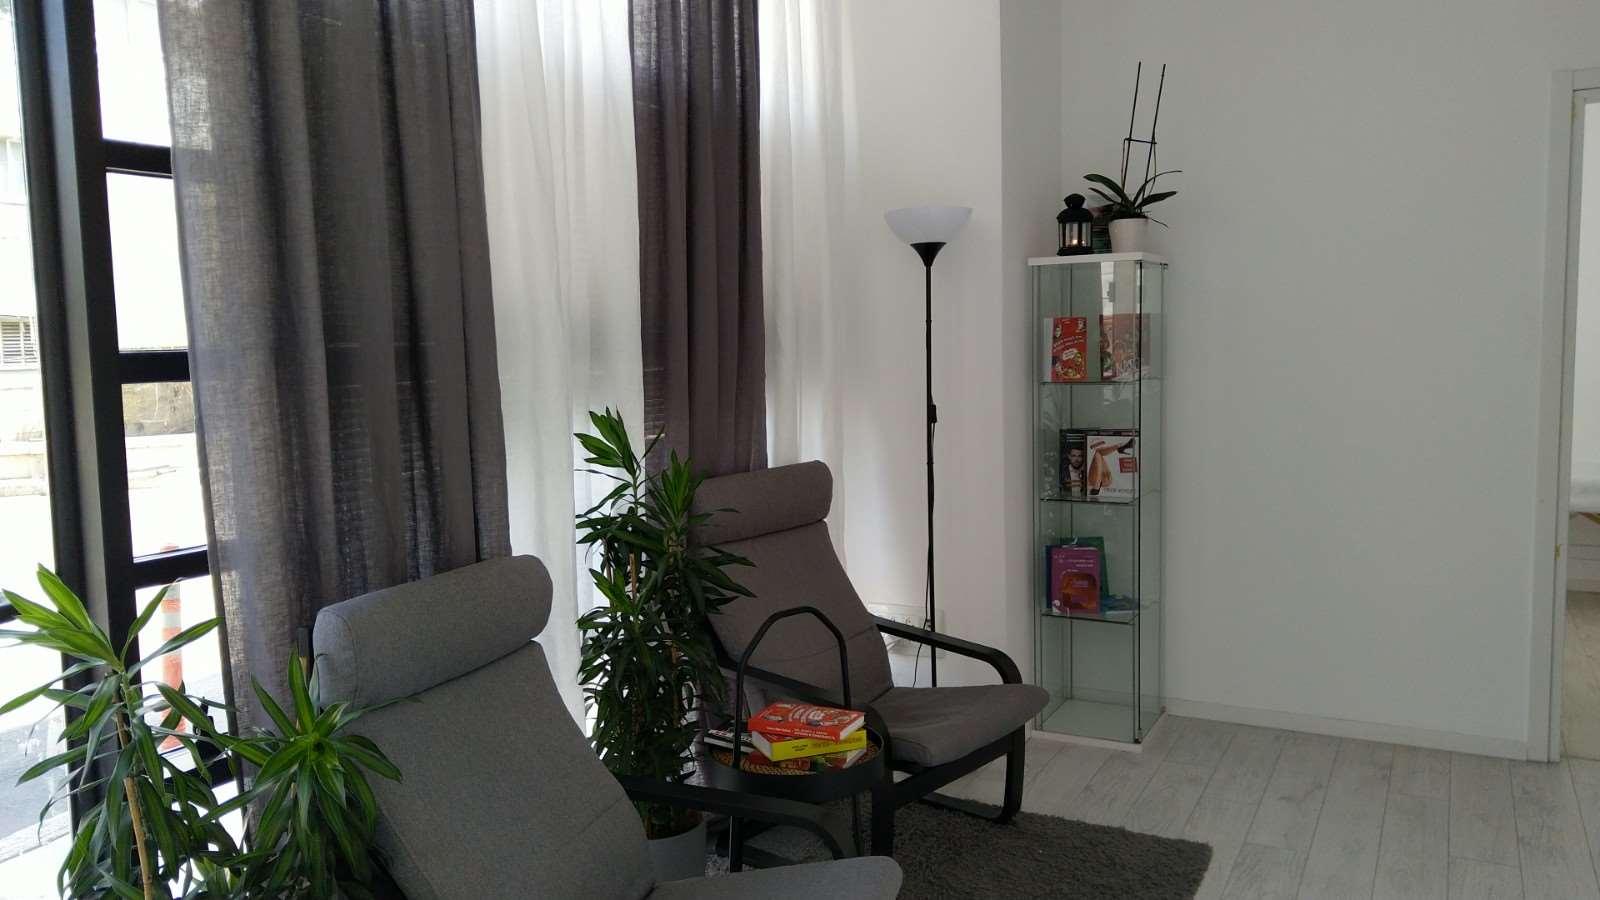 משרדים השכרה בתל אביב יפו להשכרה ברחוב ראול ולנברג  100 מר משרד / קליניקה /  שטח מסחרי